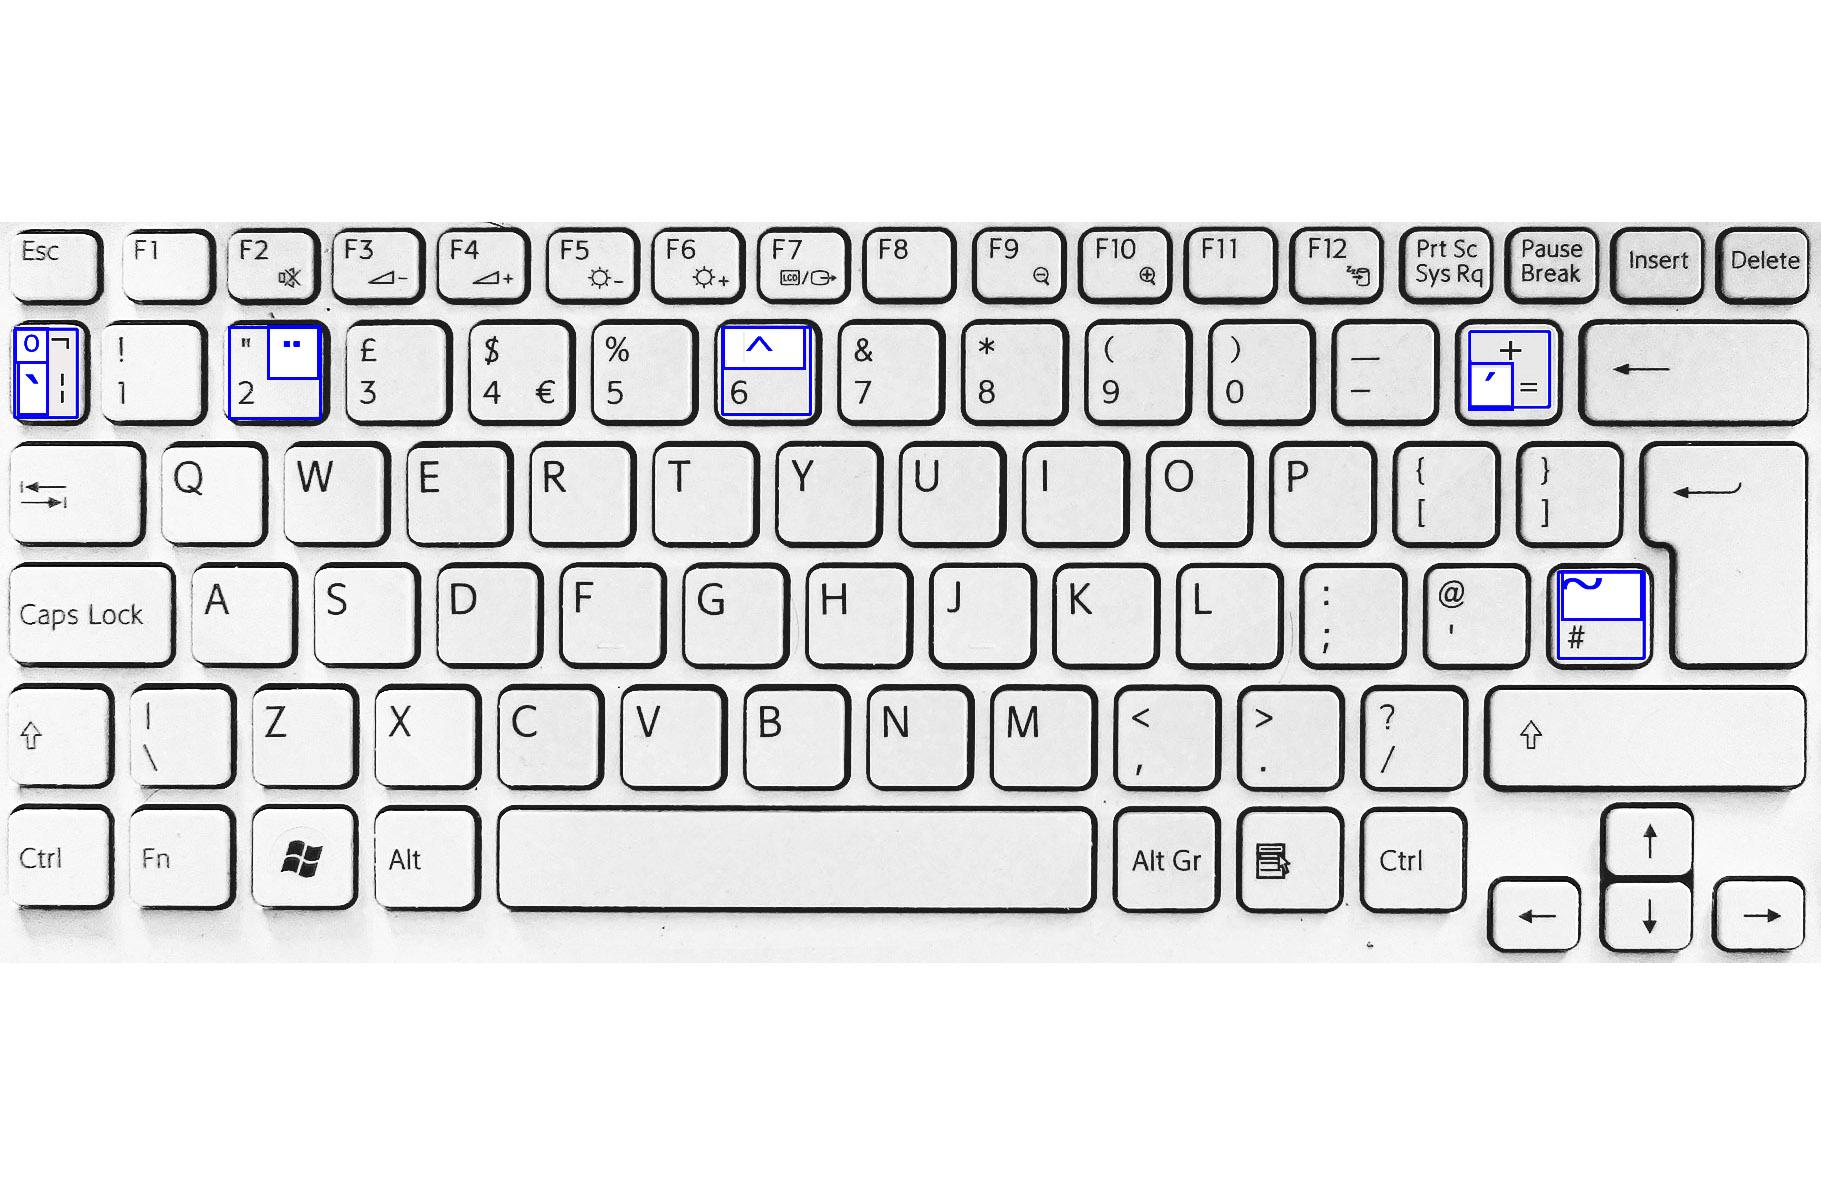 Tilde symbol on keyboard images symbol and sign ideas taggs 2010 multilingual keyboard uk keyboard buycottarizona buycottarizona